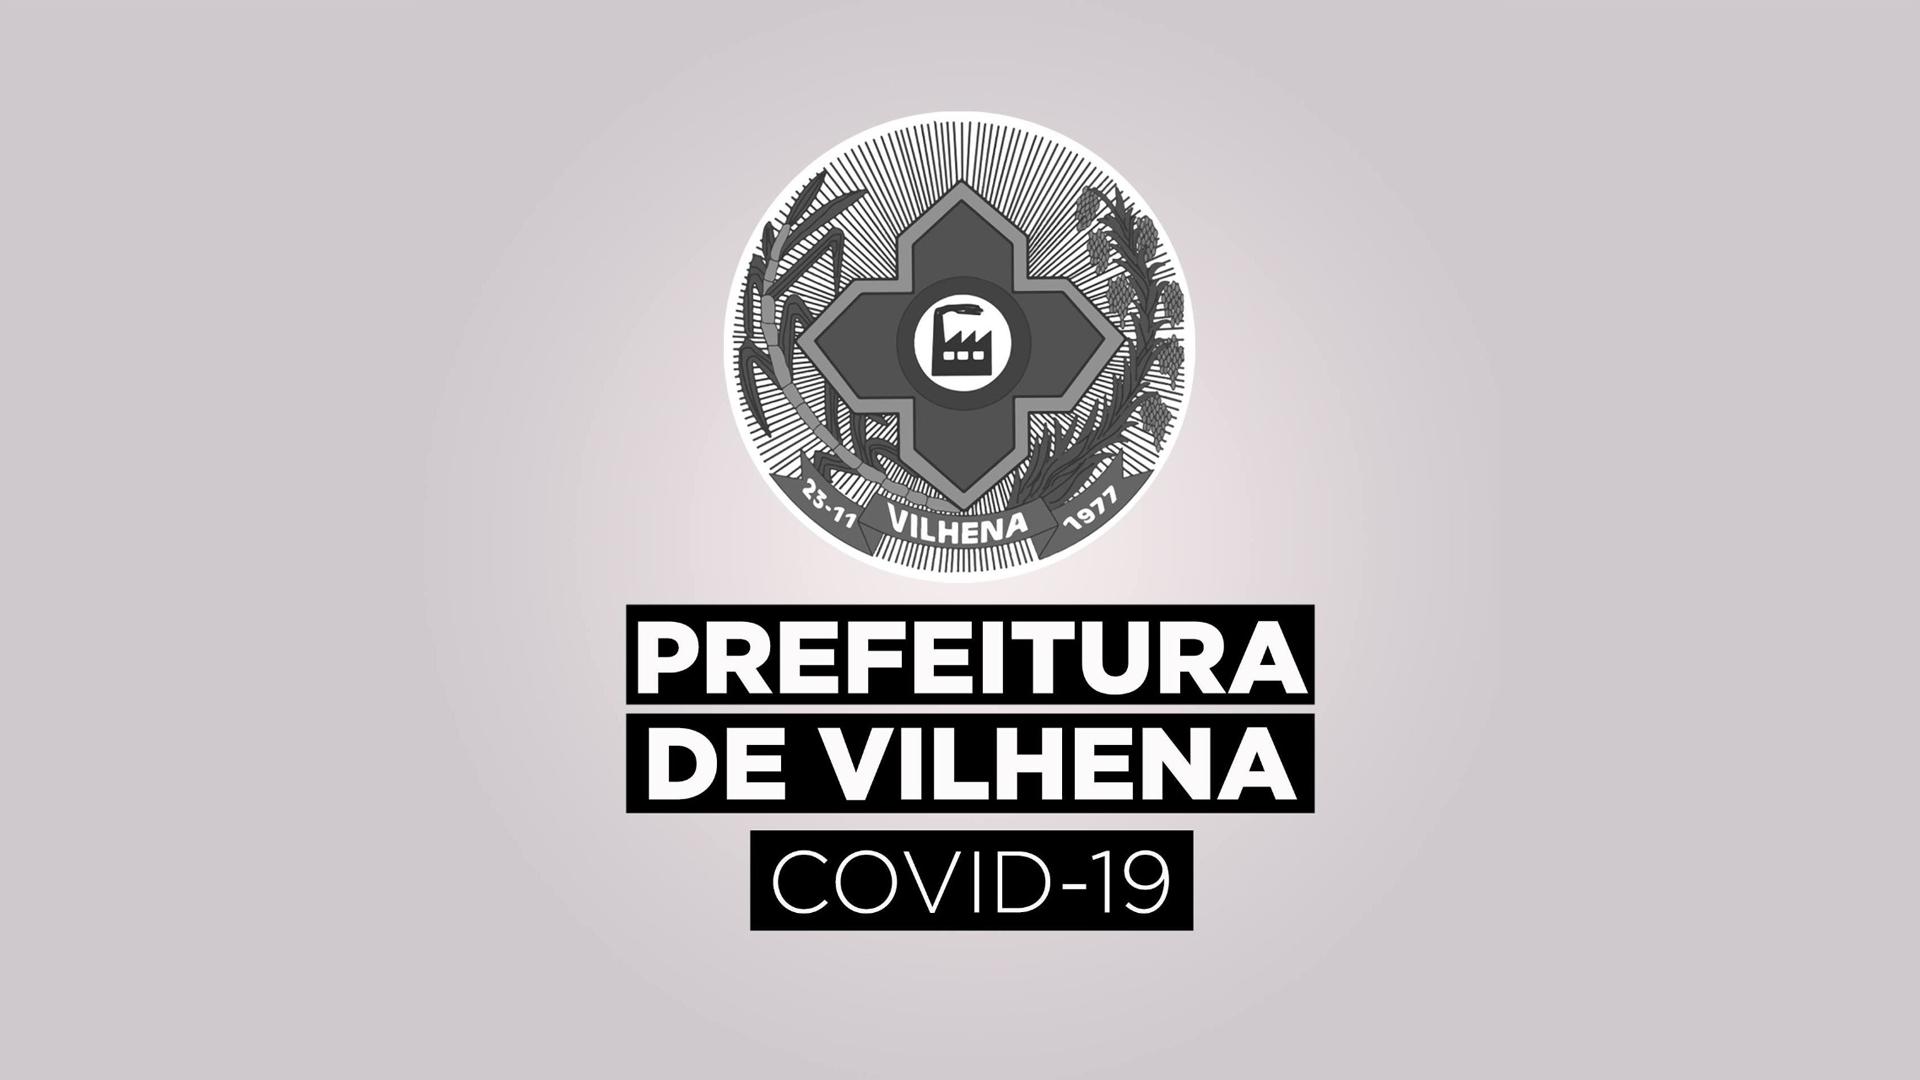 BOLETIM PMV Nº 301 - 10/01/21 - CORONAVÍRUS (COVID-19)